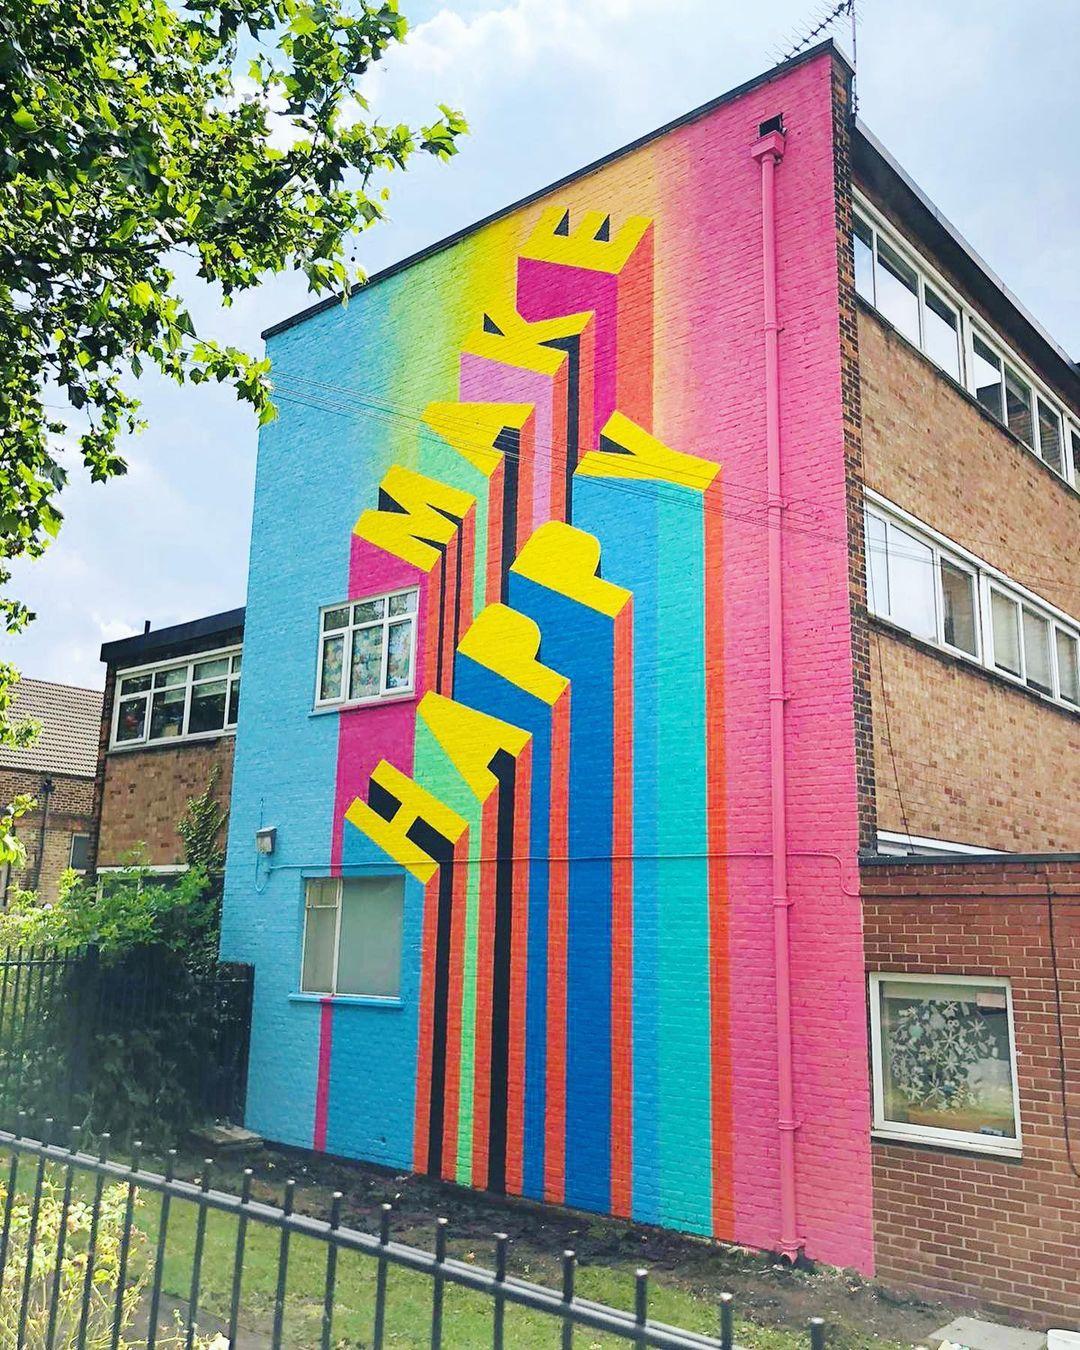 Œuvre Par Morag Myerscough à Londres